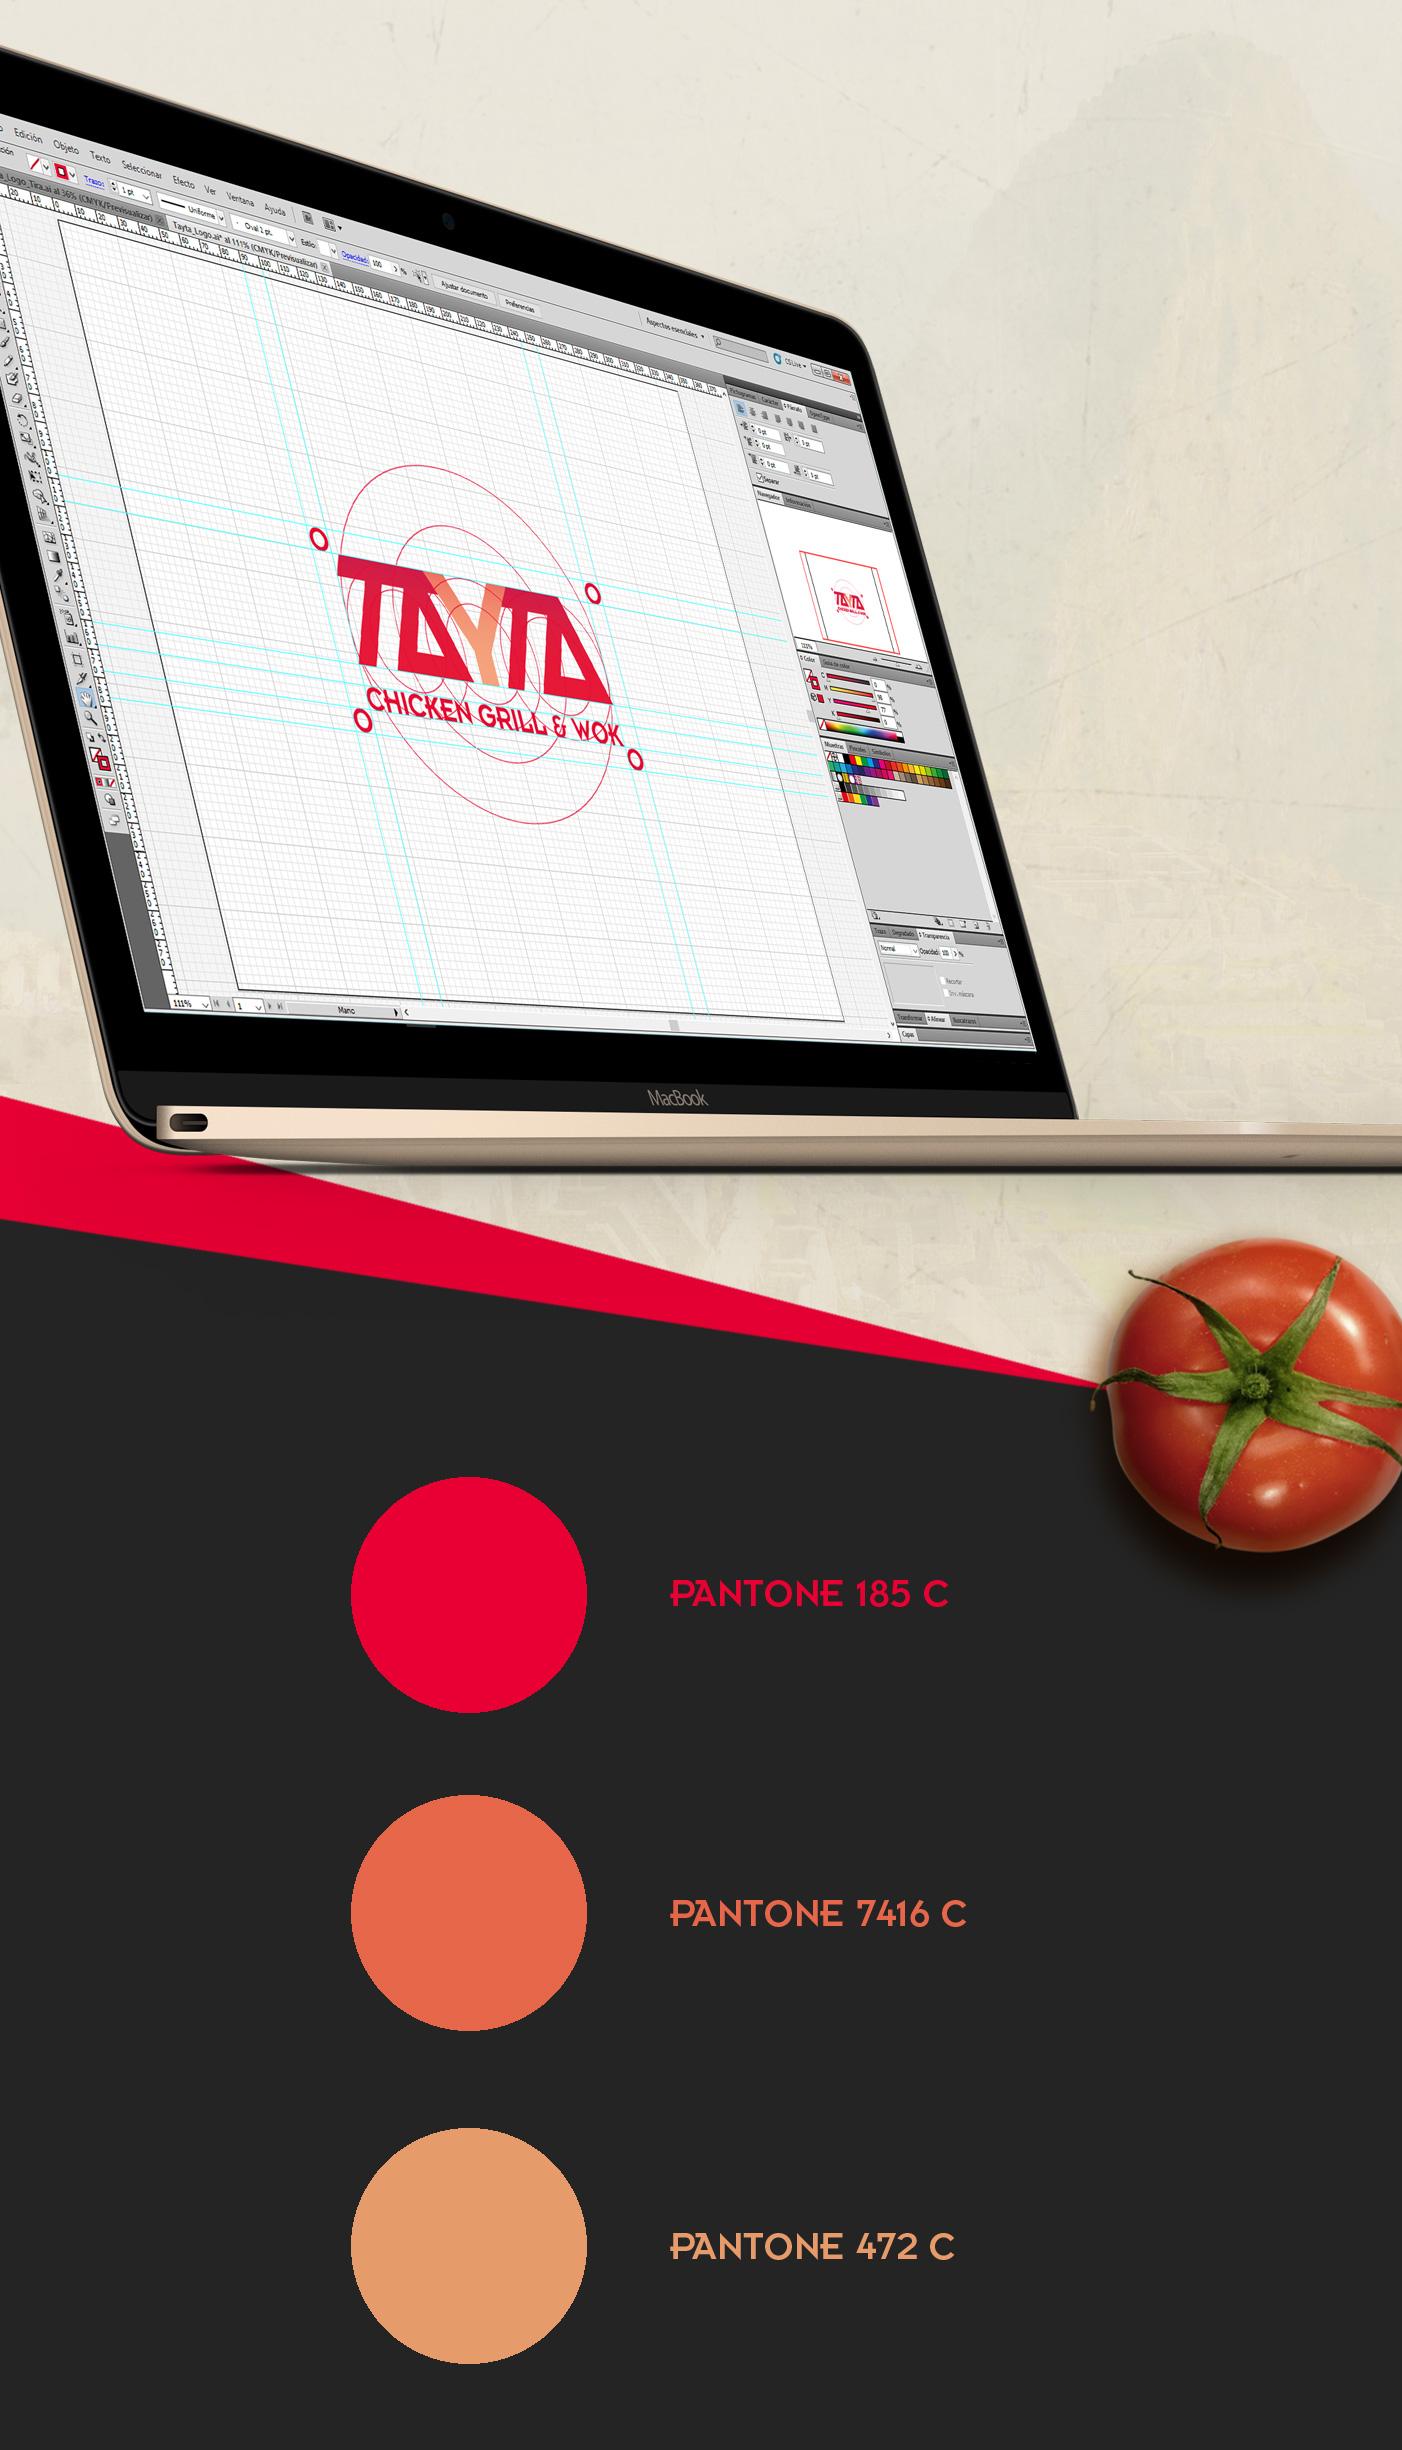 Logo Restaurante Tayta